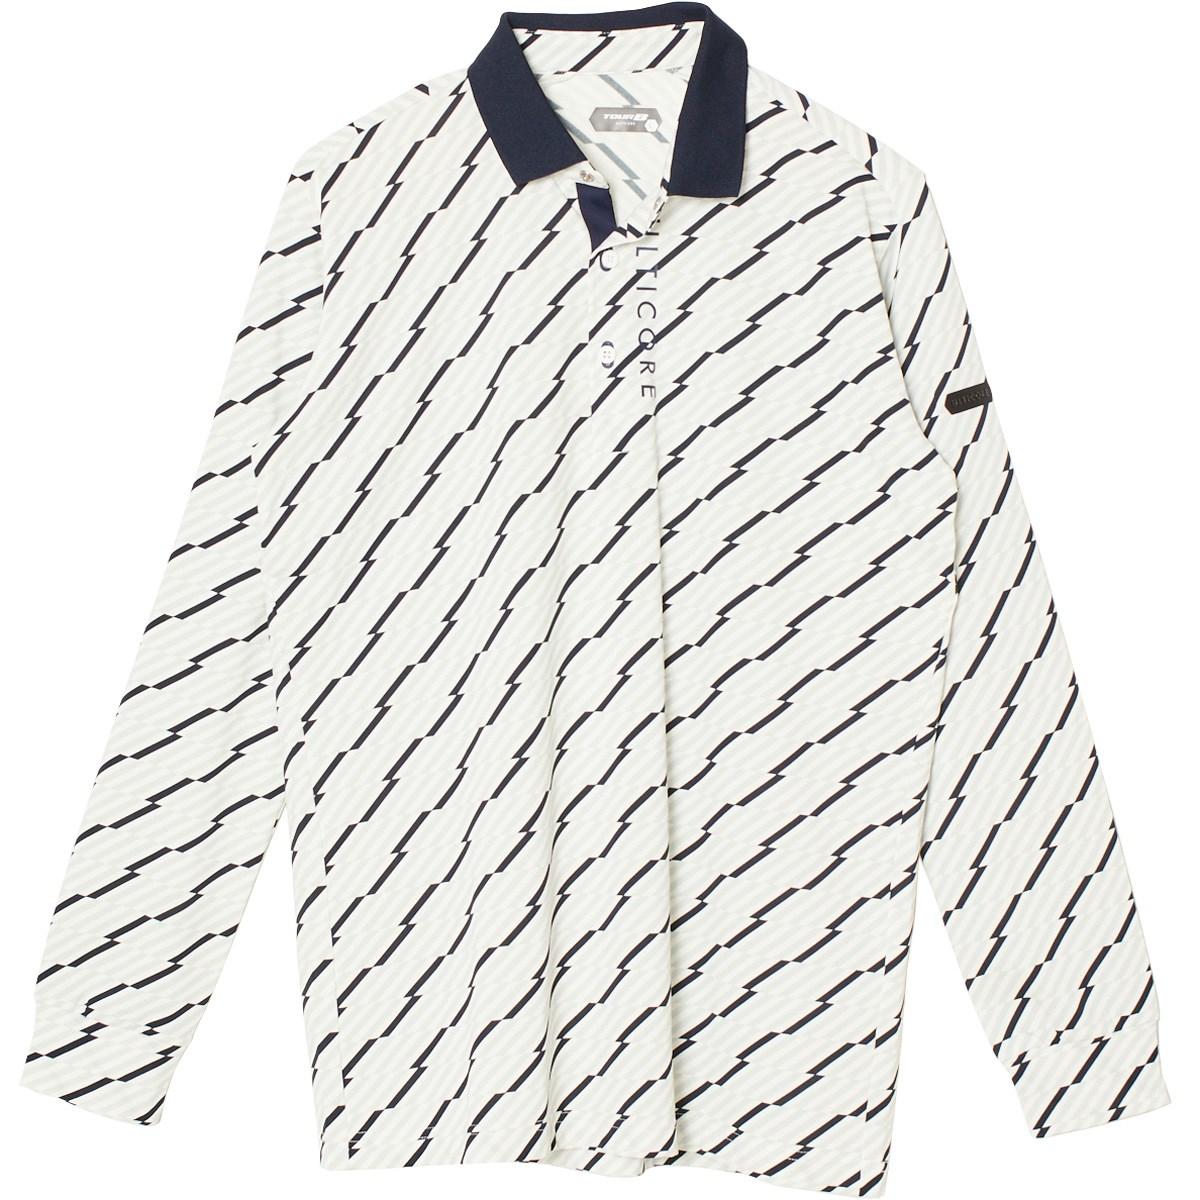 ブリヂストン(BRIDGESTONE GOLF) 3D解析 長袖台衿ポロシャツ